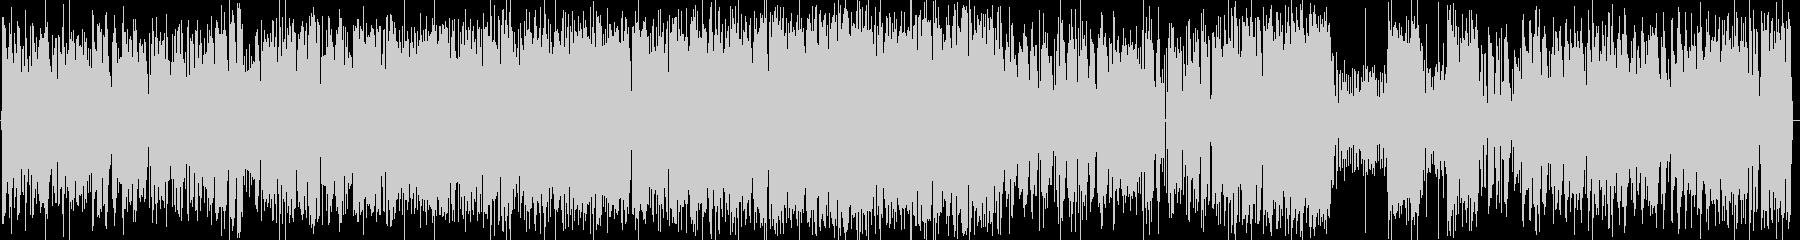 ガーシュウィンのピアノトリオの未再生の波形